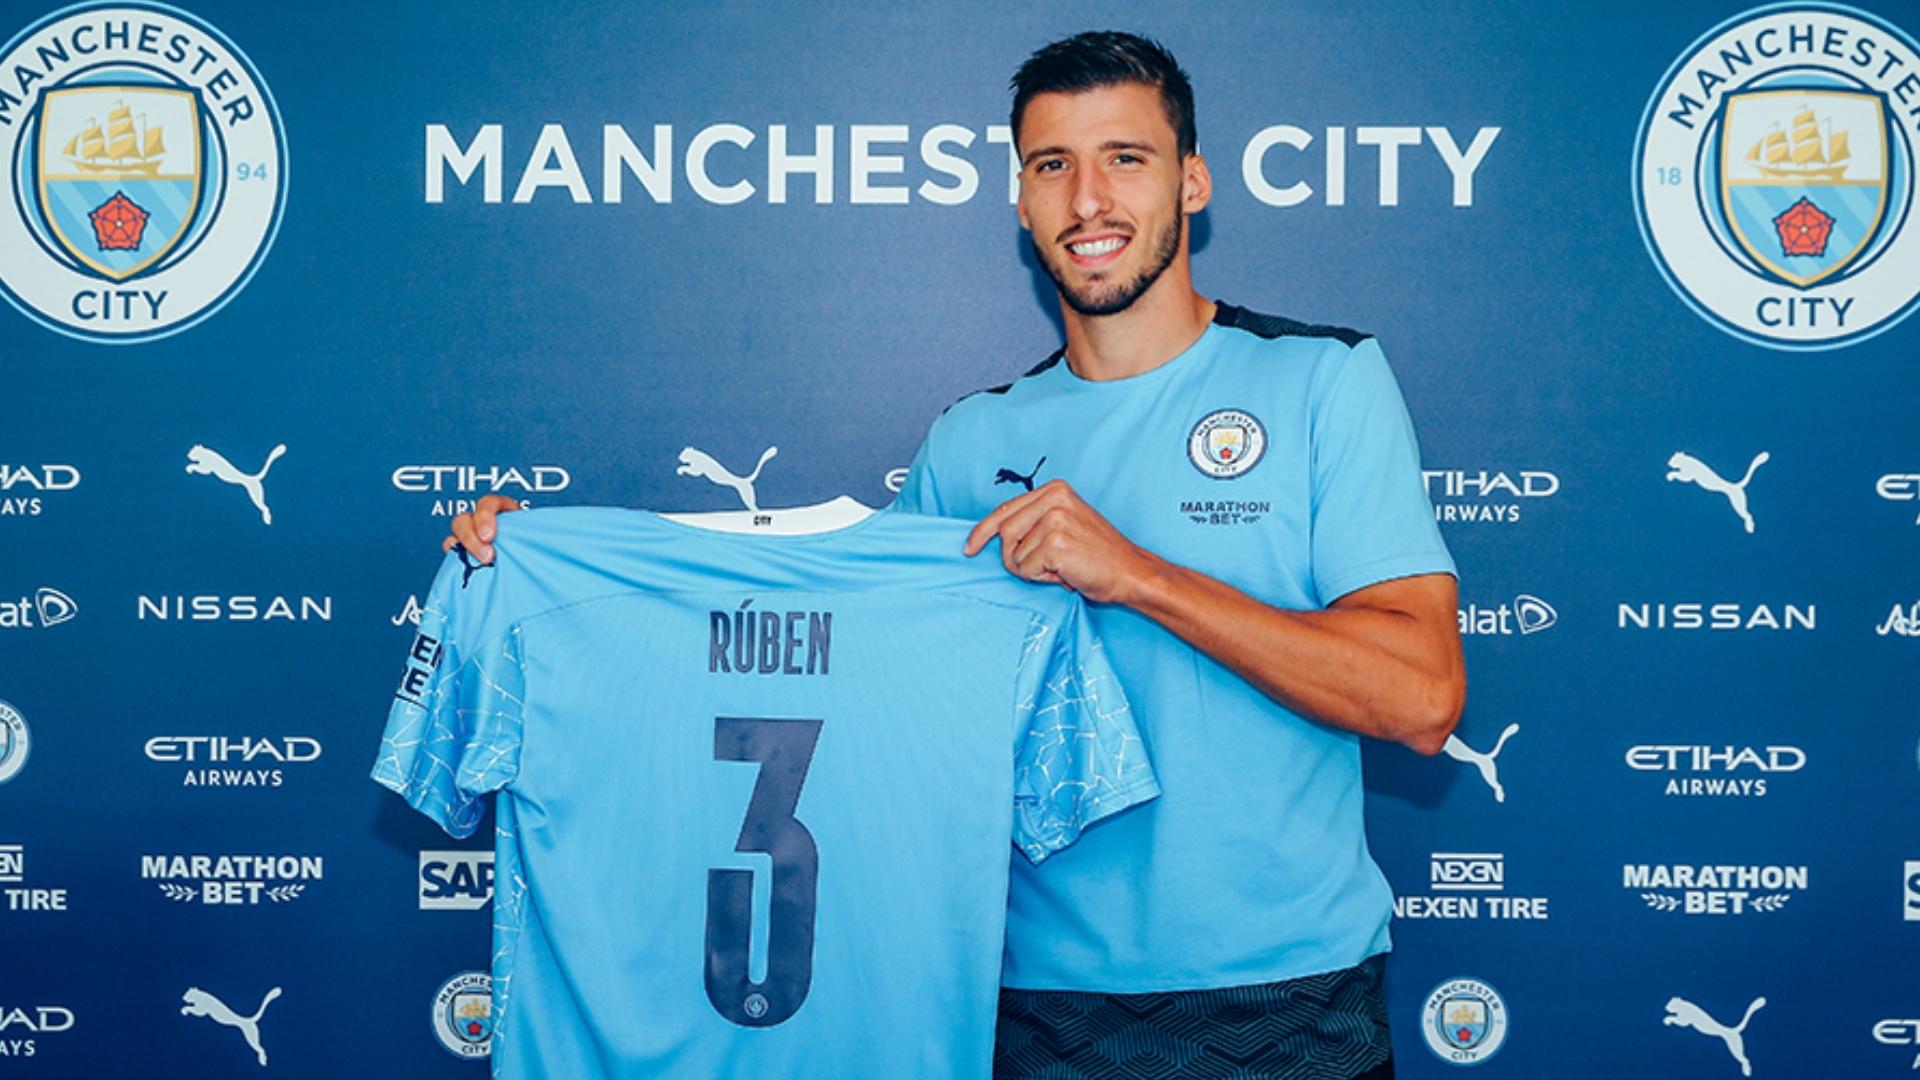 Ruben Dias Manchester City 29092020